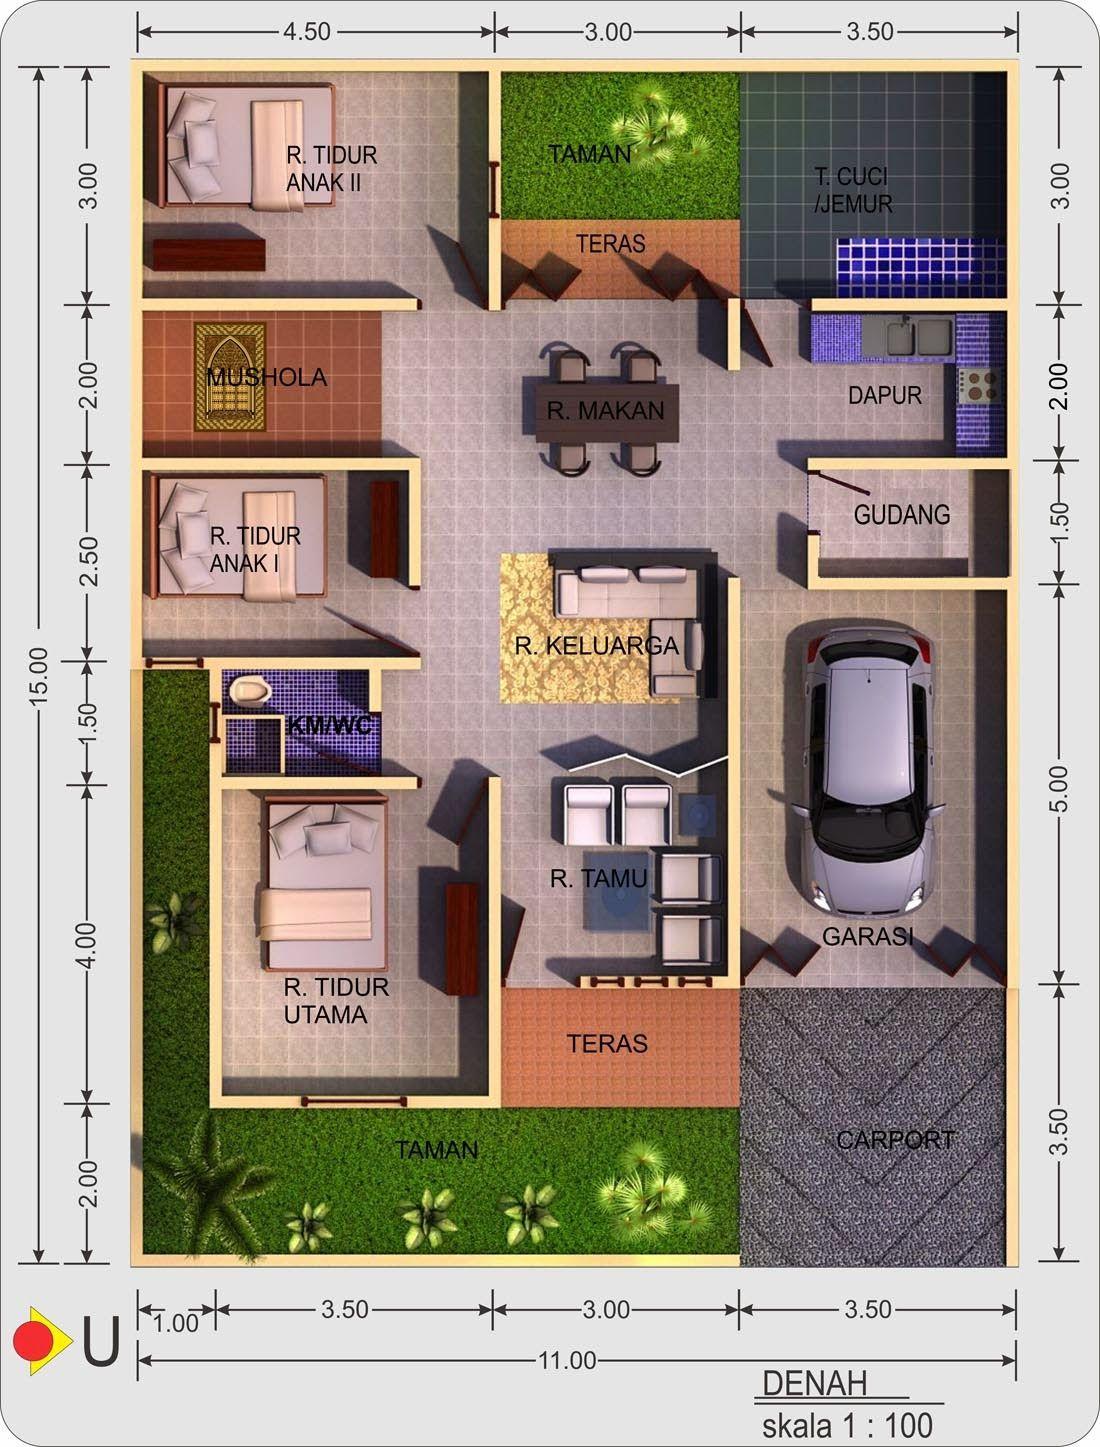 Desain Denah Rumah Minimalis Terbaru 2017 House In 2019 House